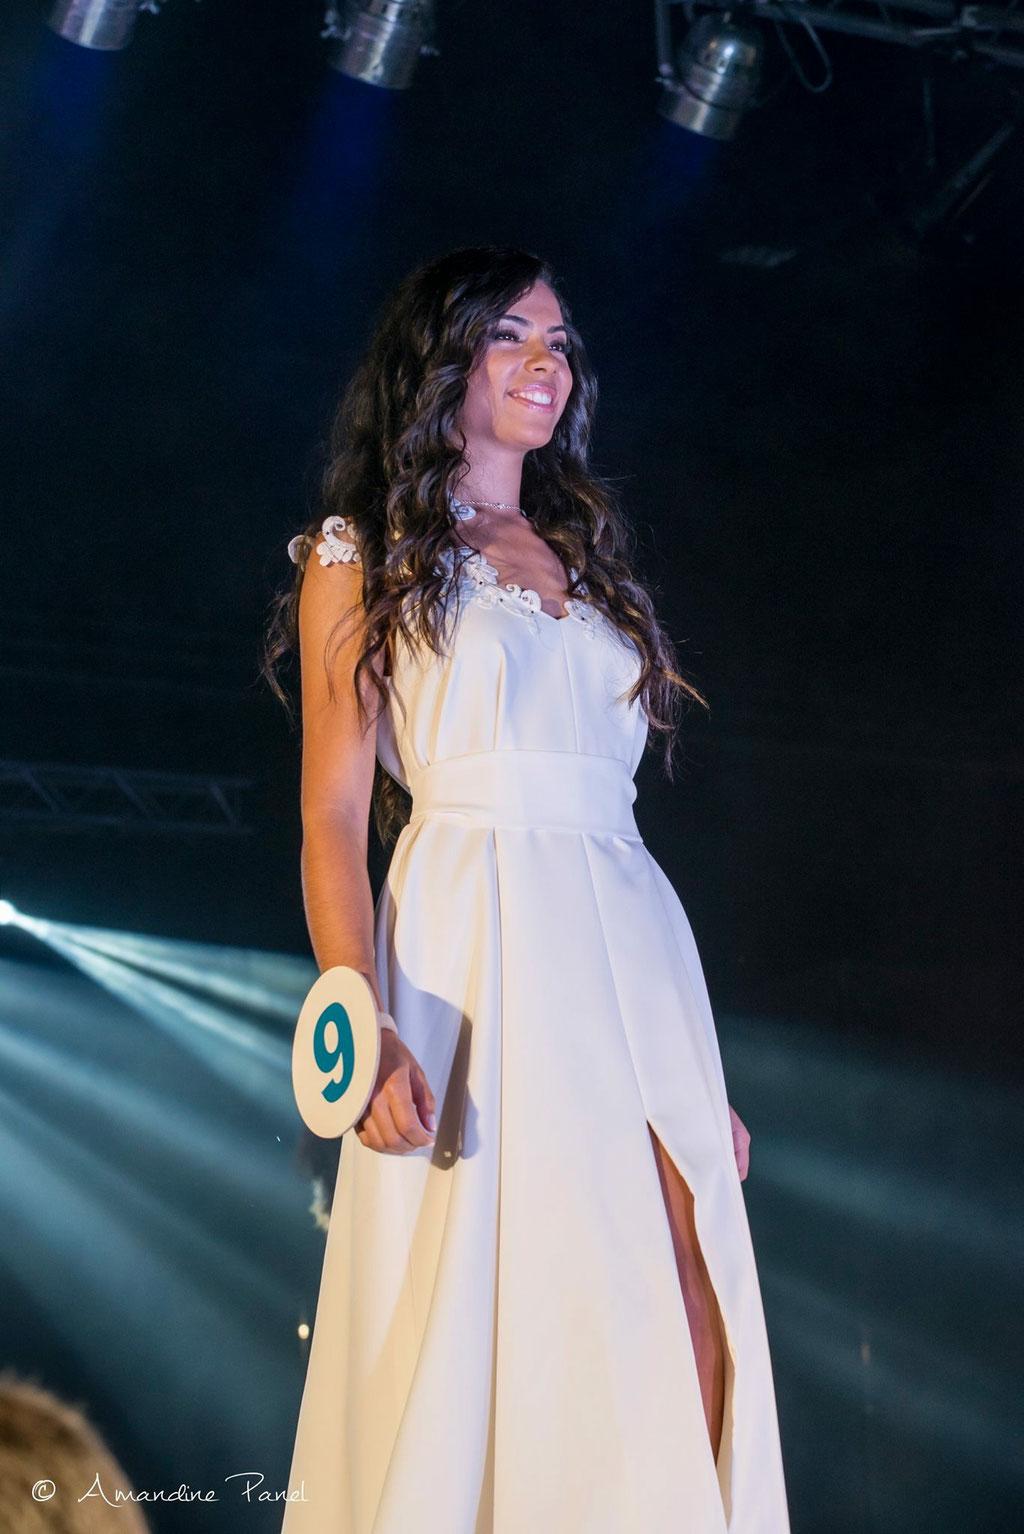 Lucie Dumas, Miss Ardèche et Miss Dauphiné 2017 portant la robe Lune - Election Miss Rhône-Alpes 2017 pour Miss France 2018